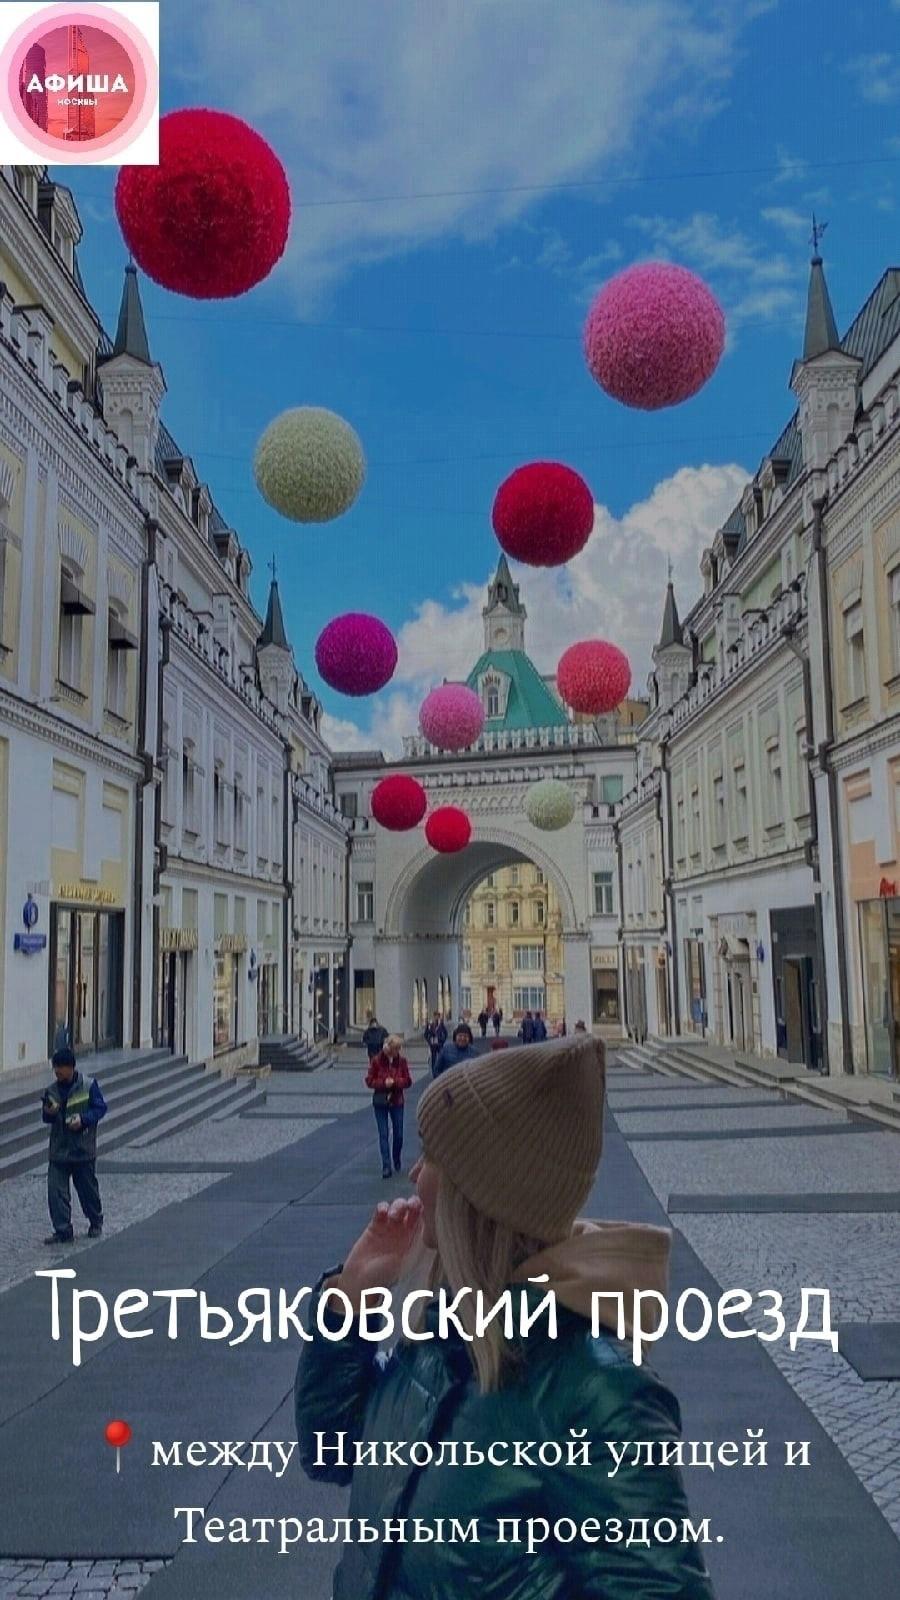 Фотогеничные места Москвы